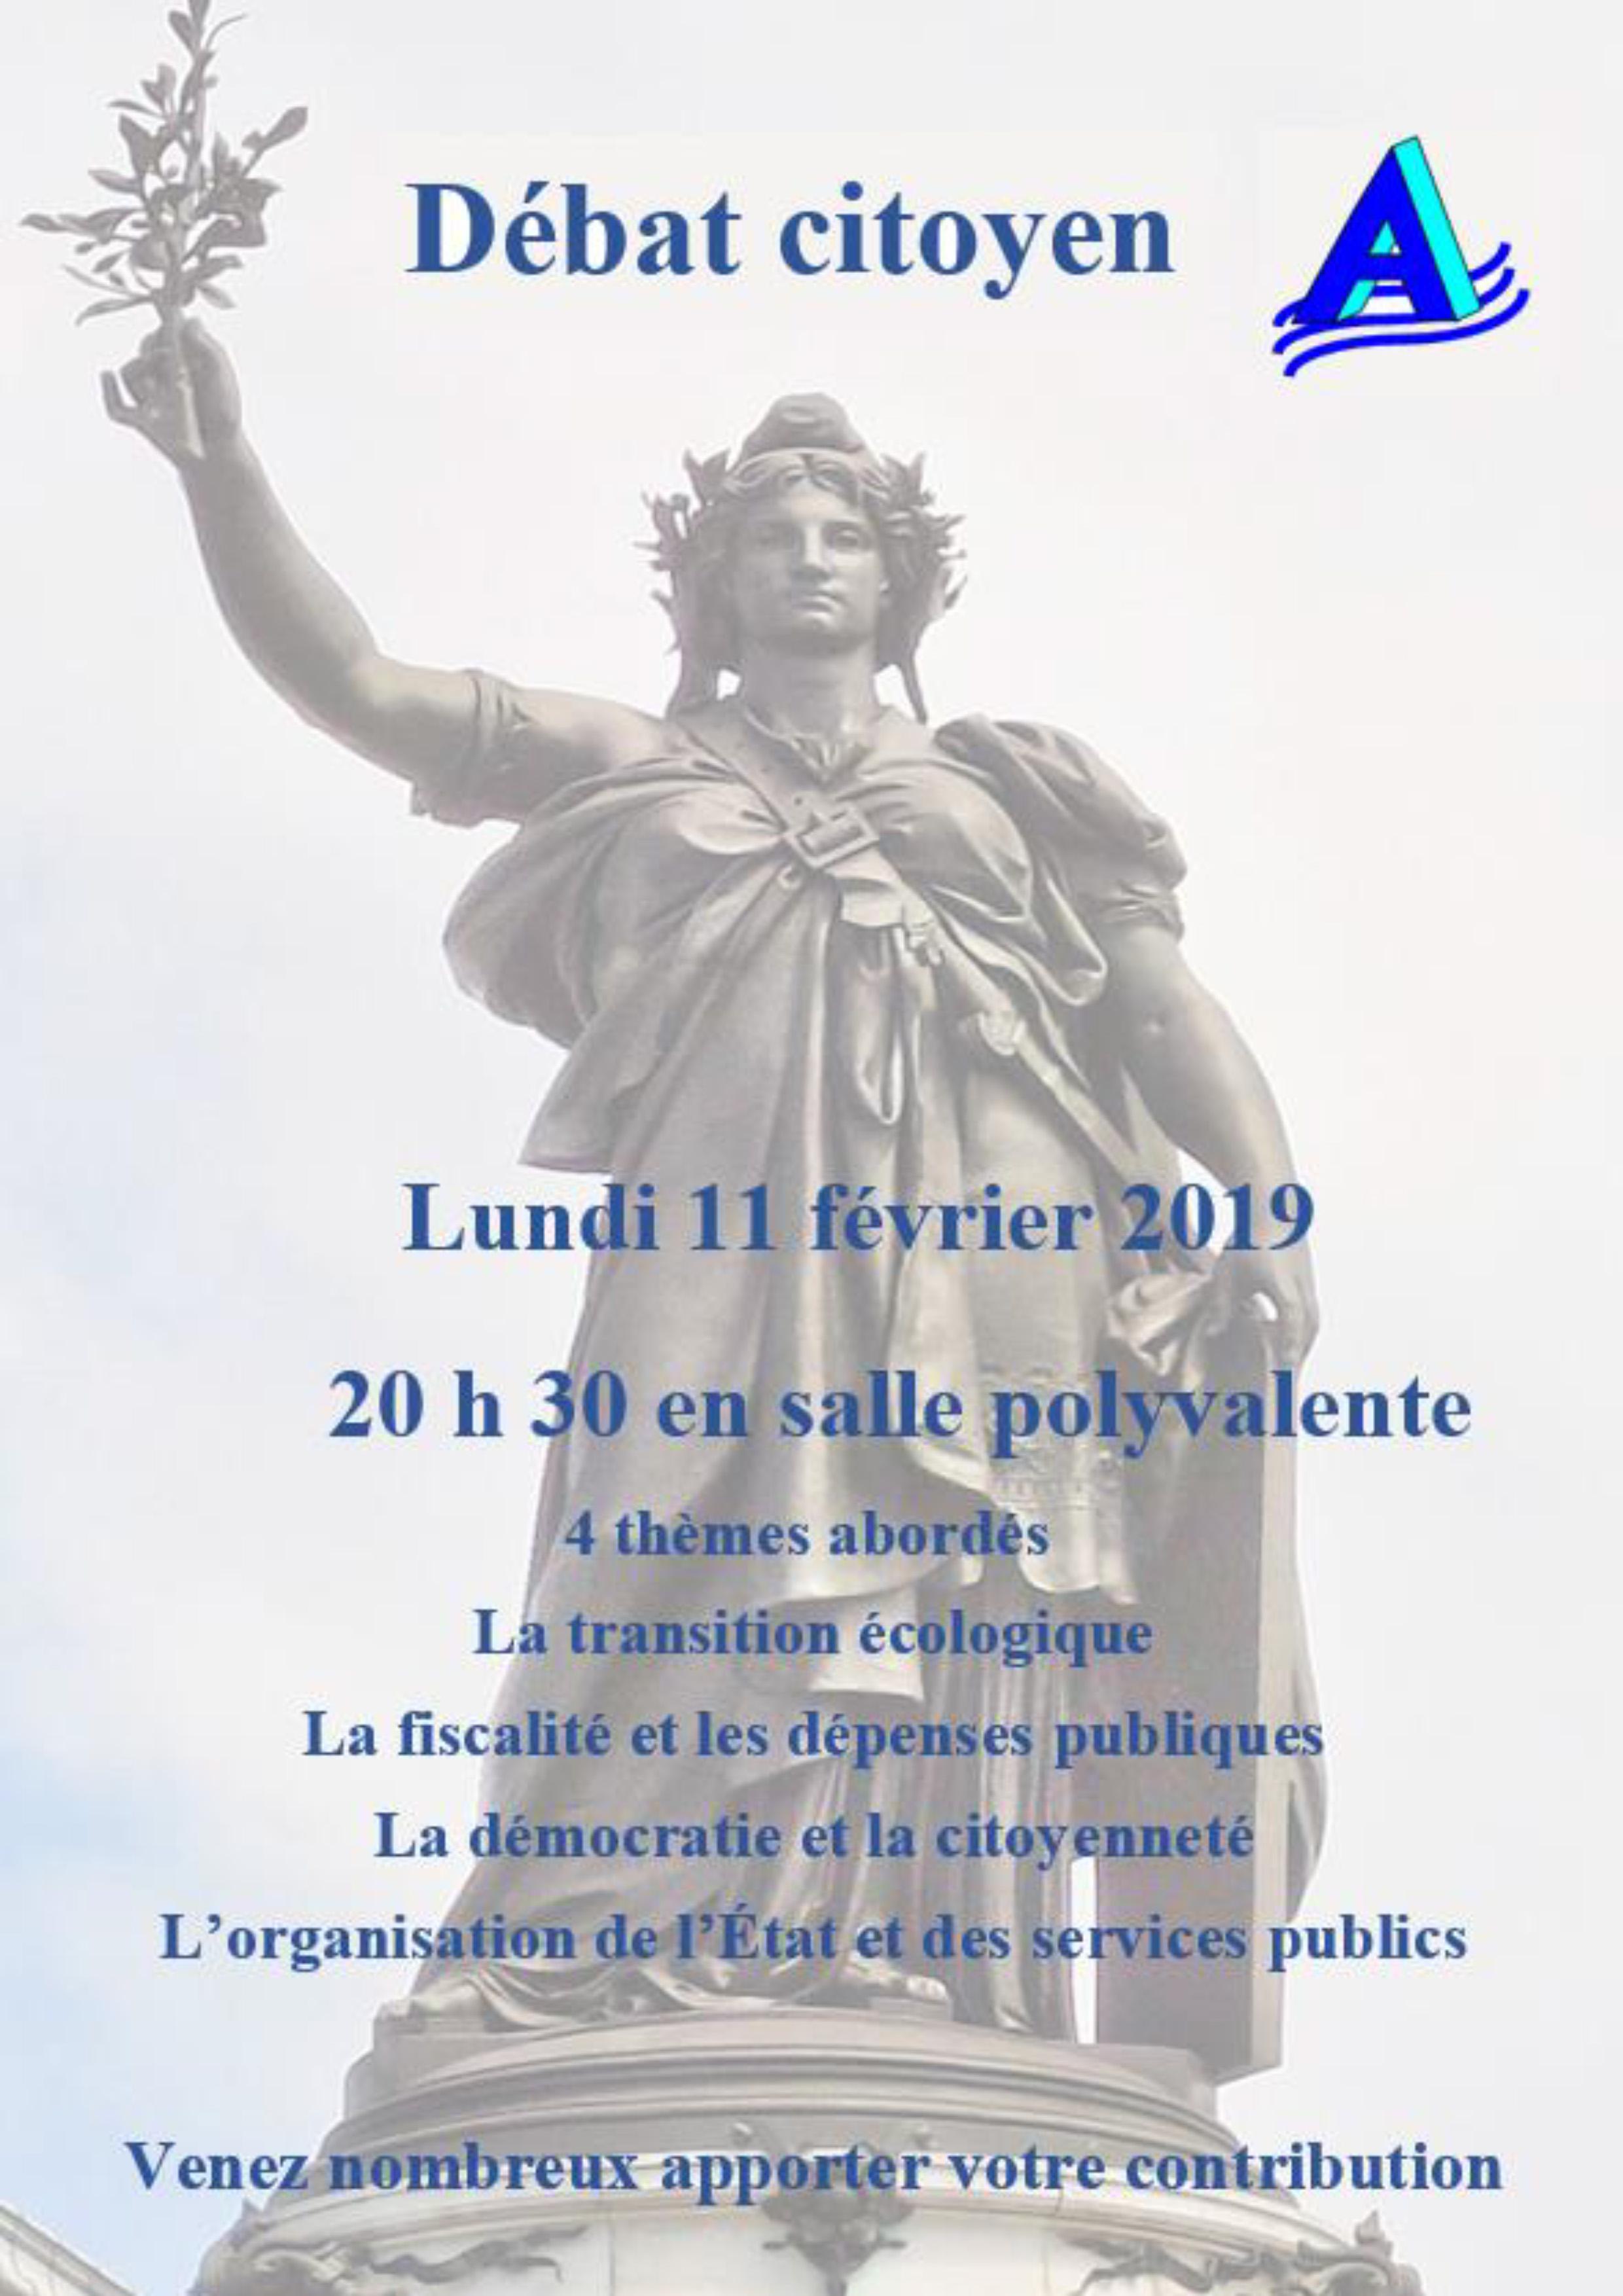 Débat citoyen lundi 11 février